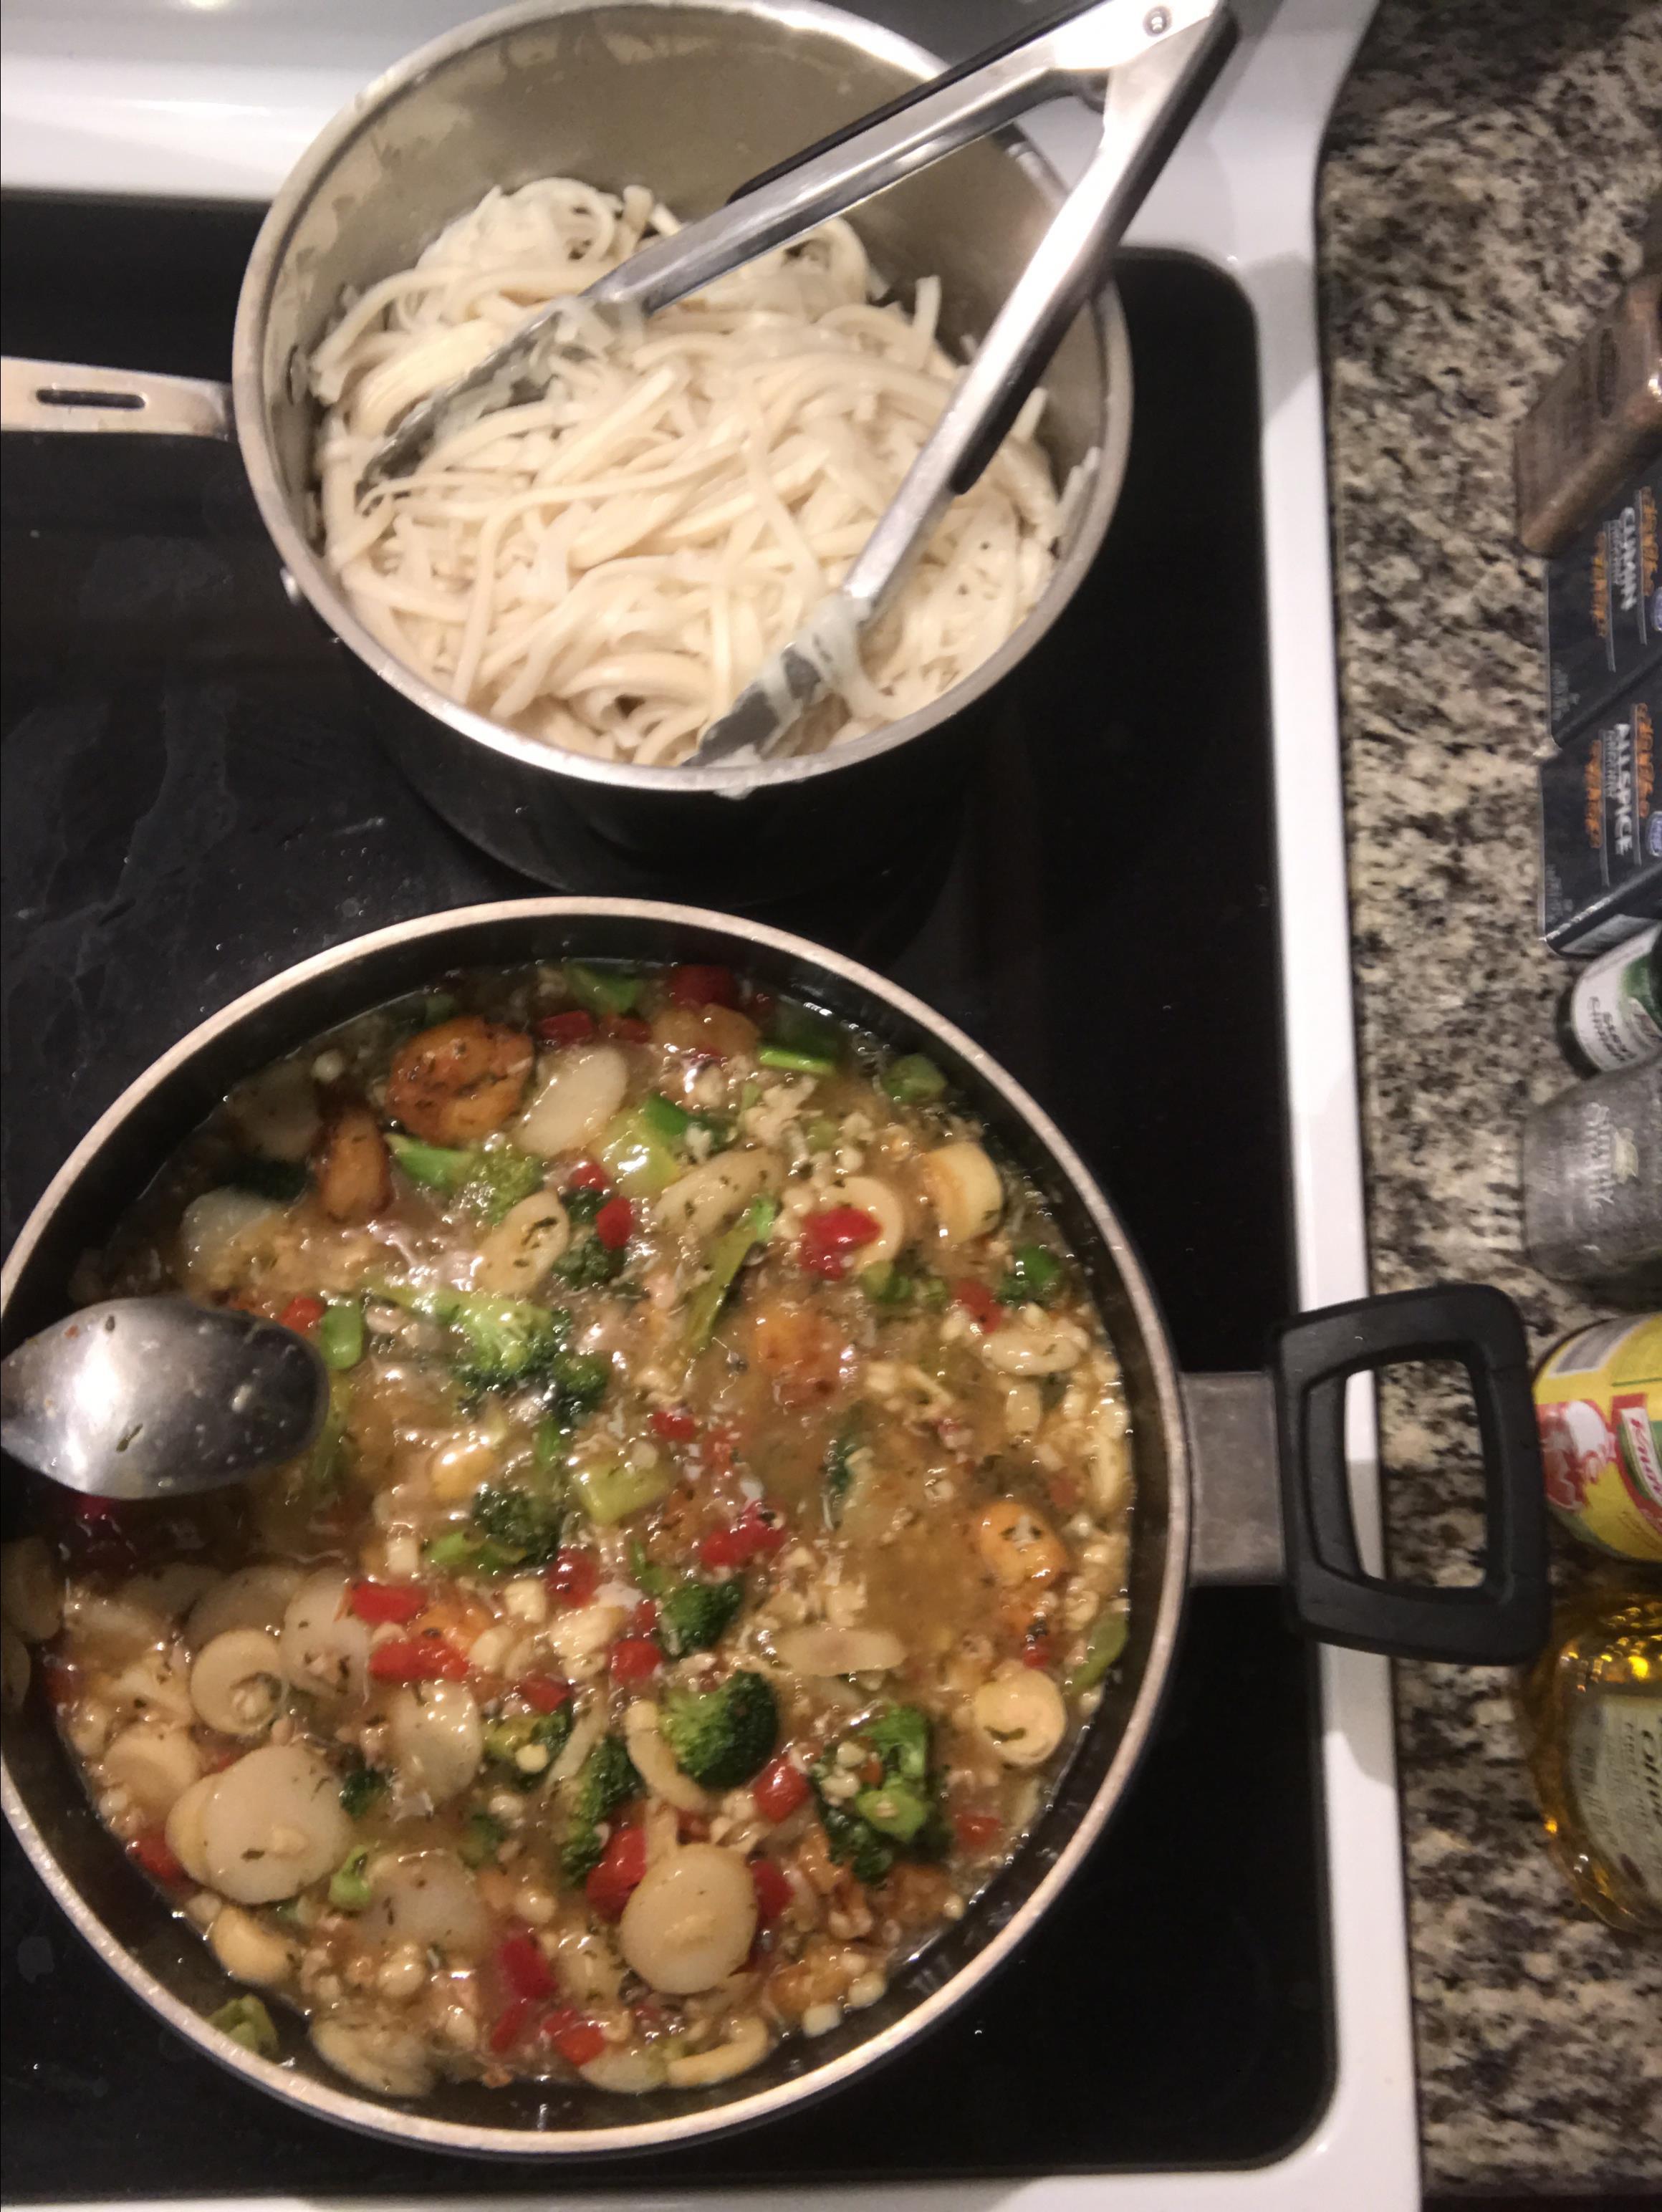 Shrimp Stir Fry With Egg Noodles Olivia Sipka